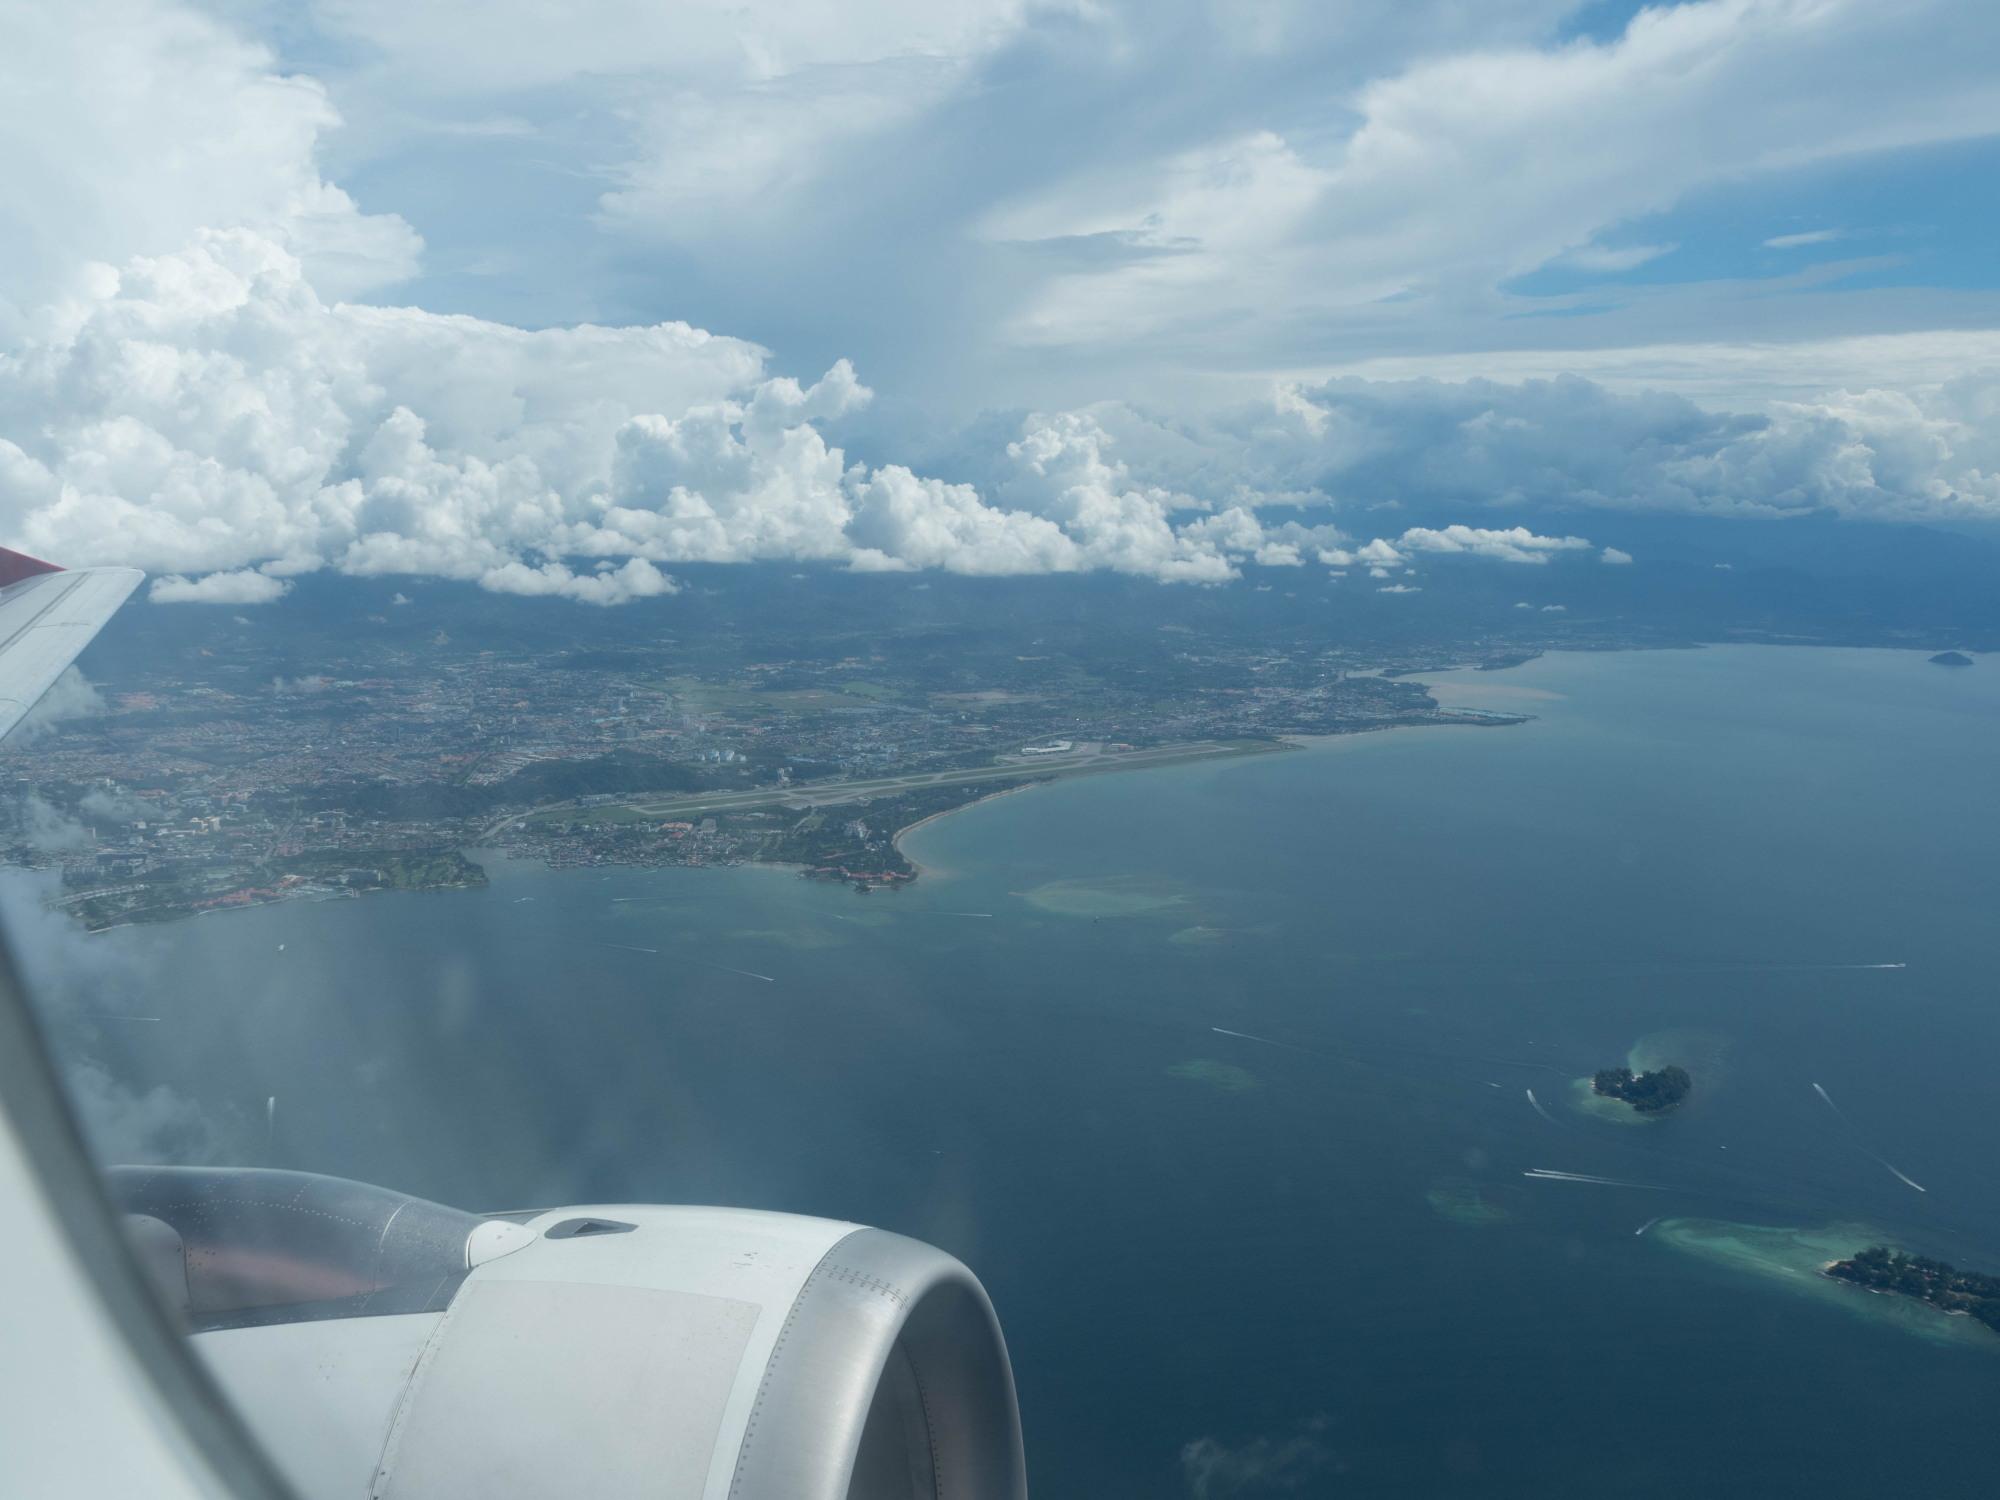 2016ブルネイ・ボルネオ島・マレー半島vol.8~ボルネオ島からペナン島へ~_f0276498_07535800.jpg